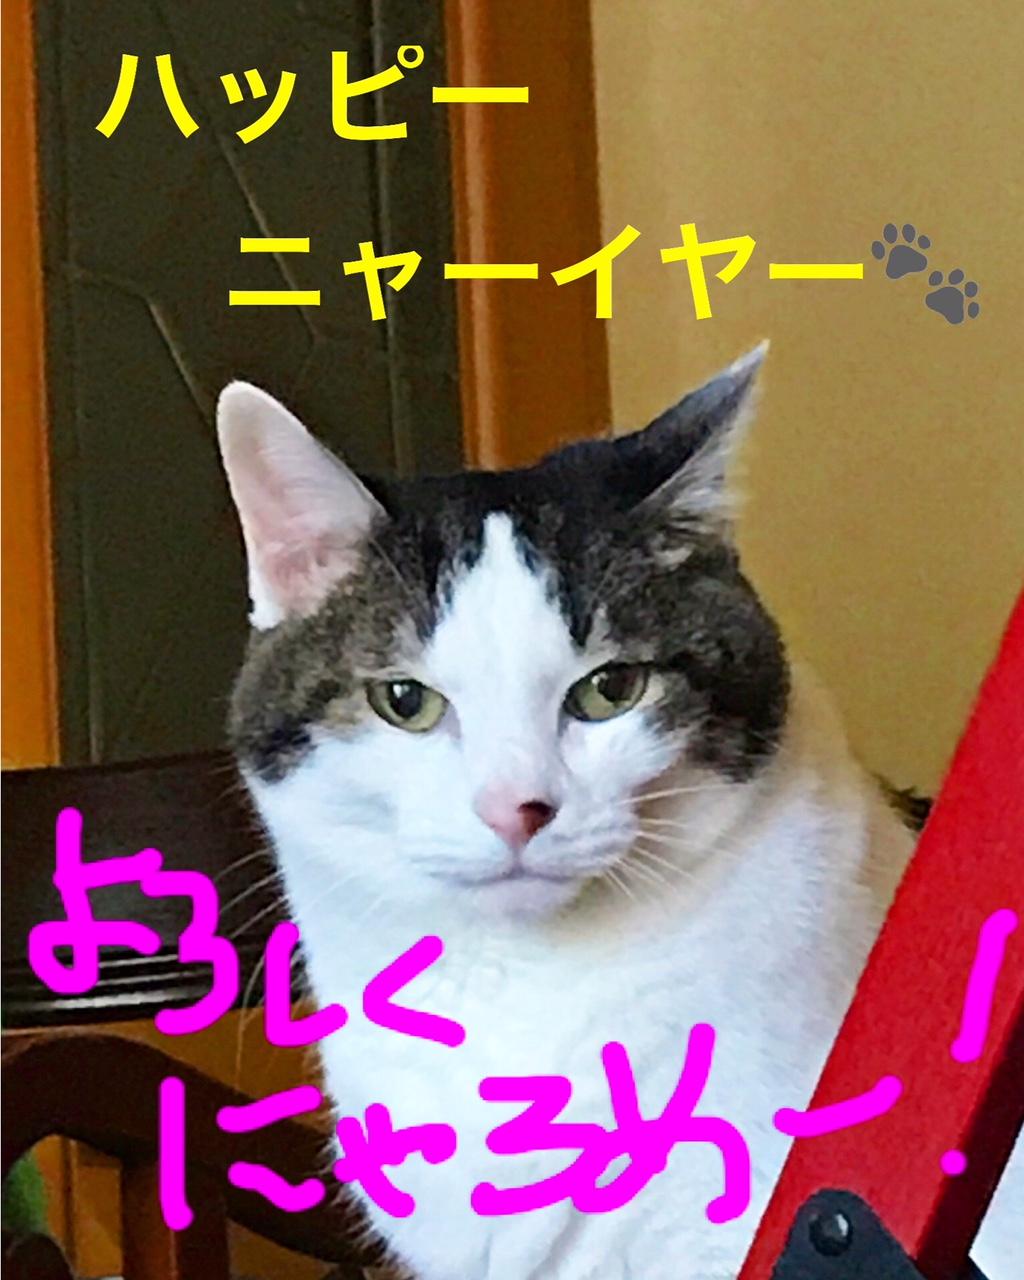 戌年に便乗猫もよろしくニャロメ